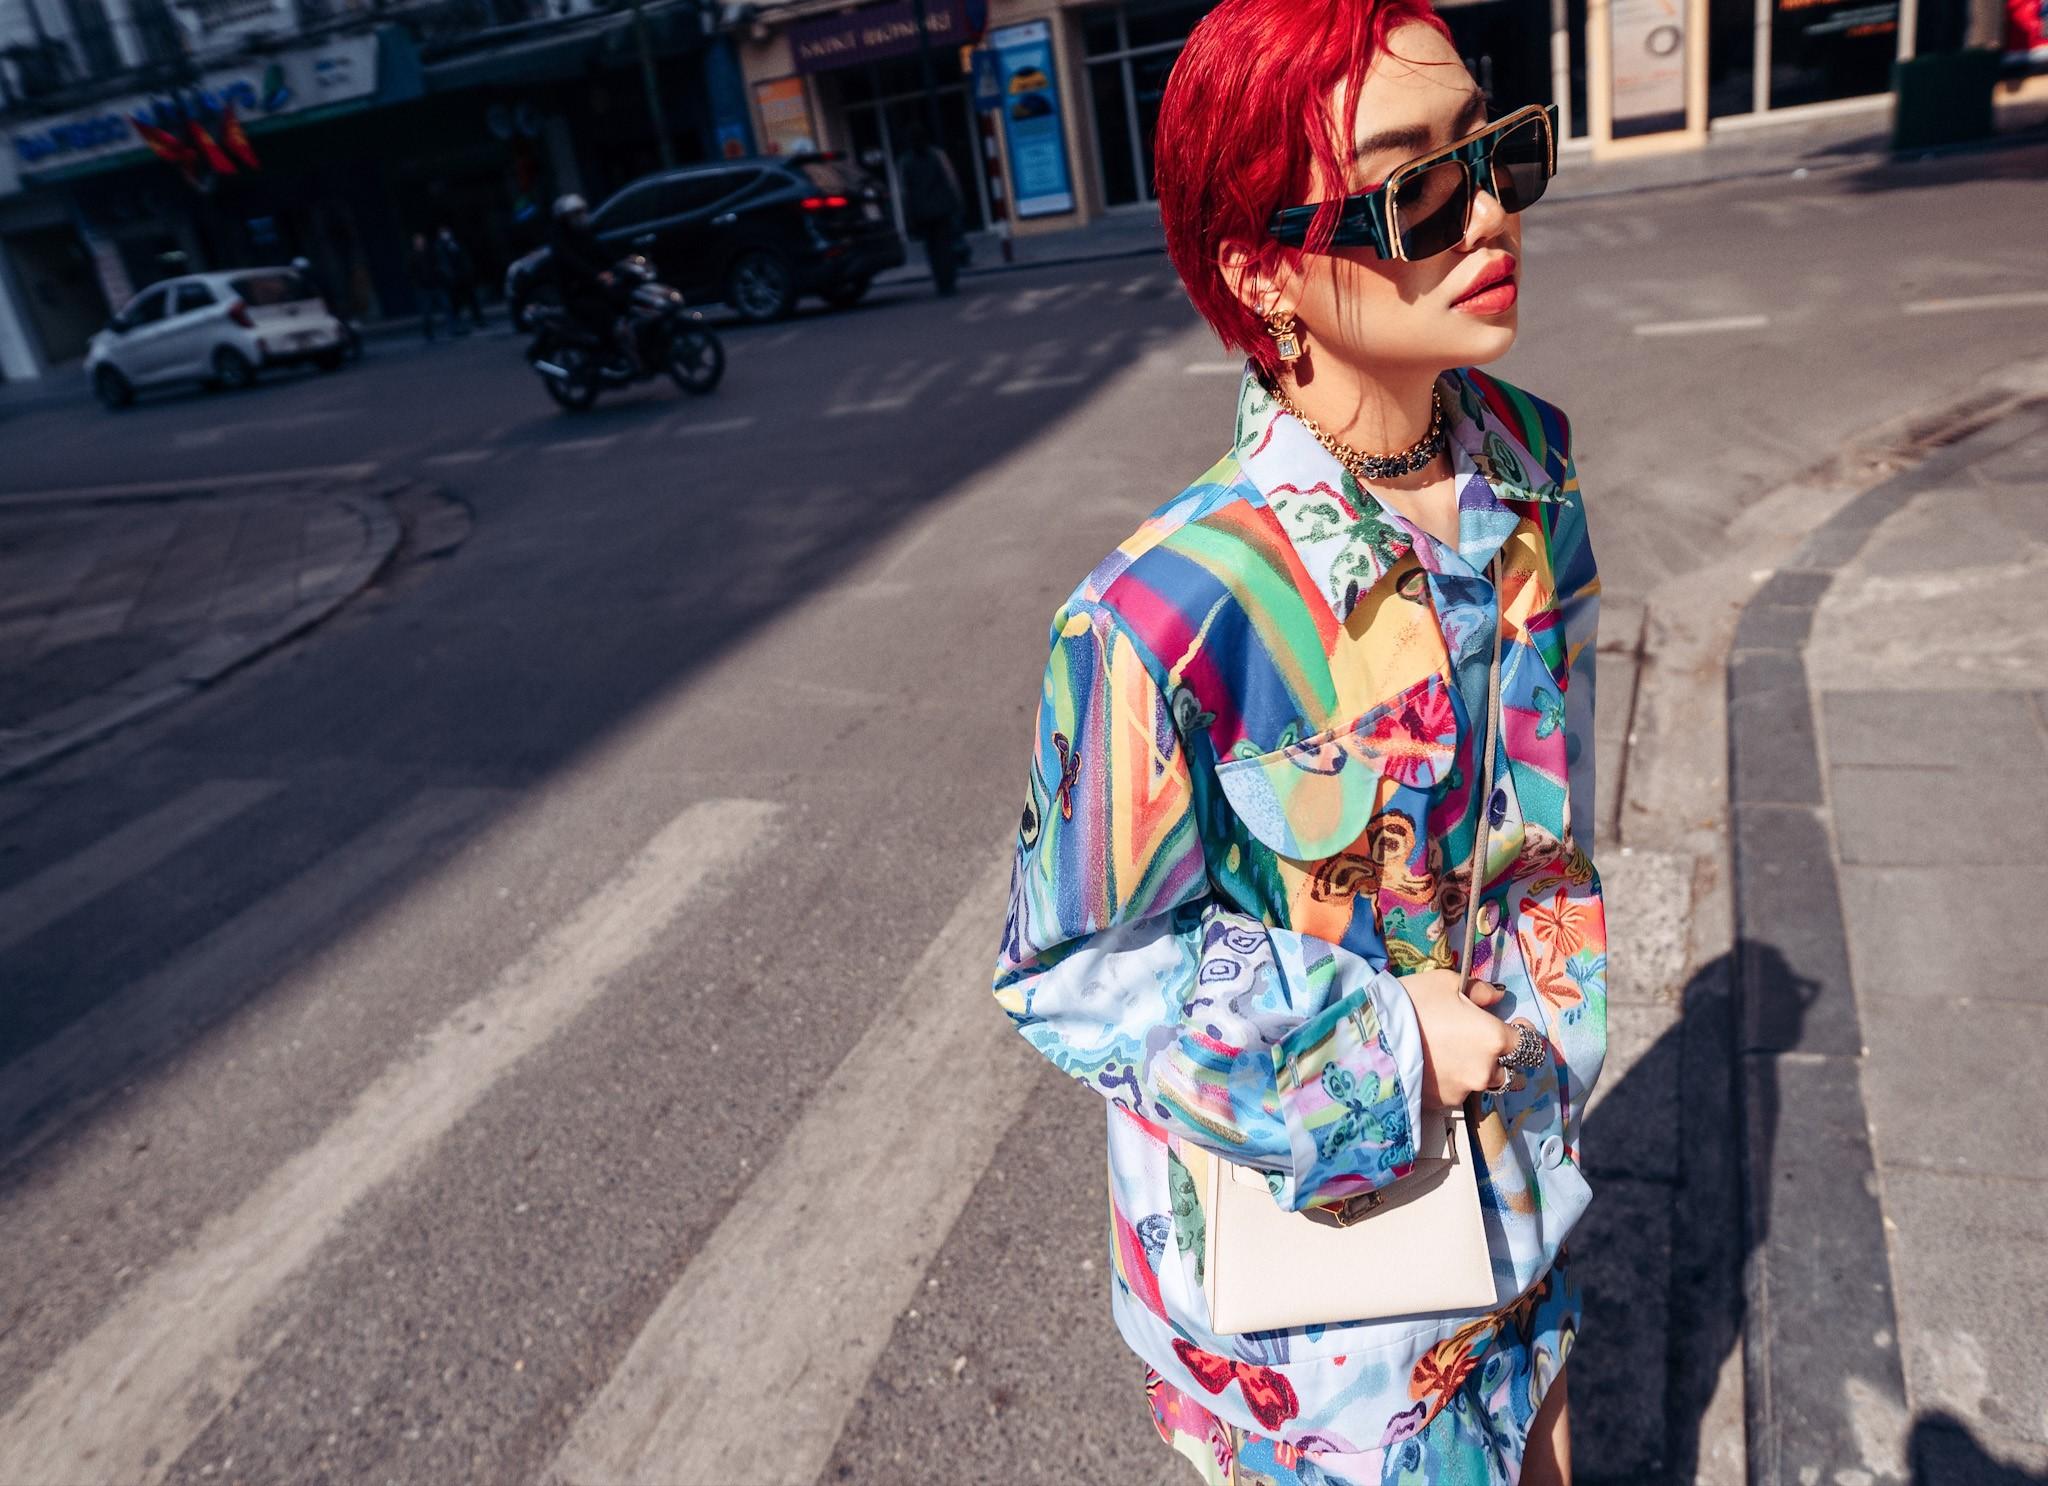 Ít ai biết được trước khi dấn thân vào ngành thời trang, NTK Hòa Nguyễn đã có thời gian làm trong lĩnh vực ngân hàng